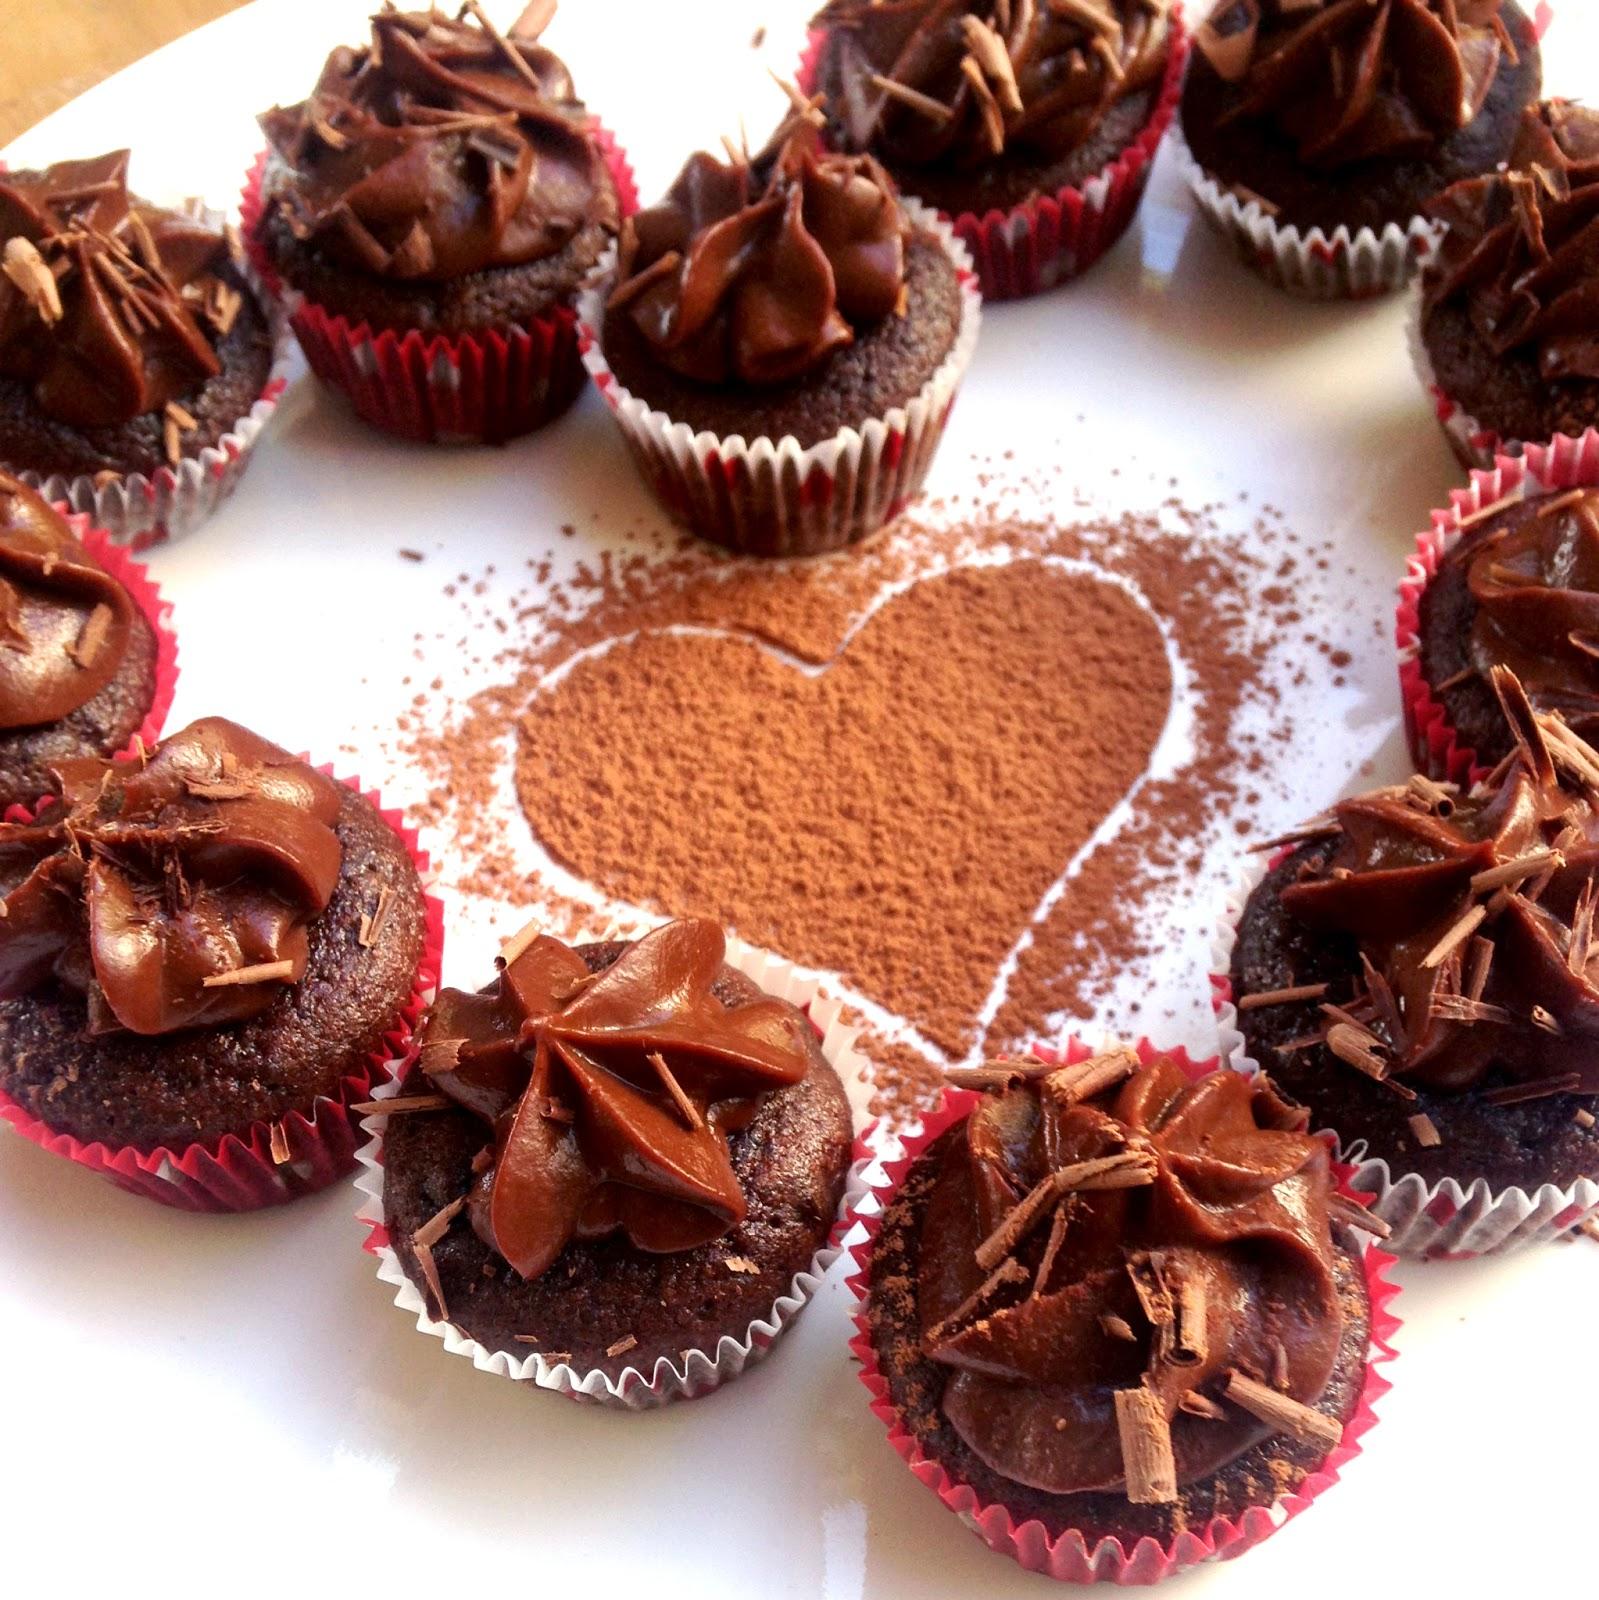 ... Healthy: Chocolatey Paleo Cupcakes w/ Chocolate Sweet Potato Frosting